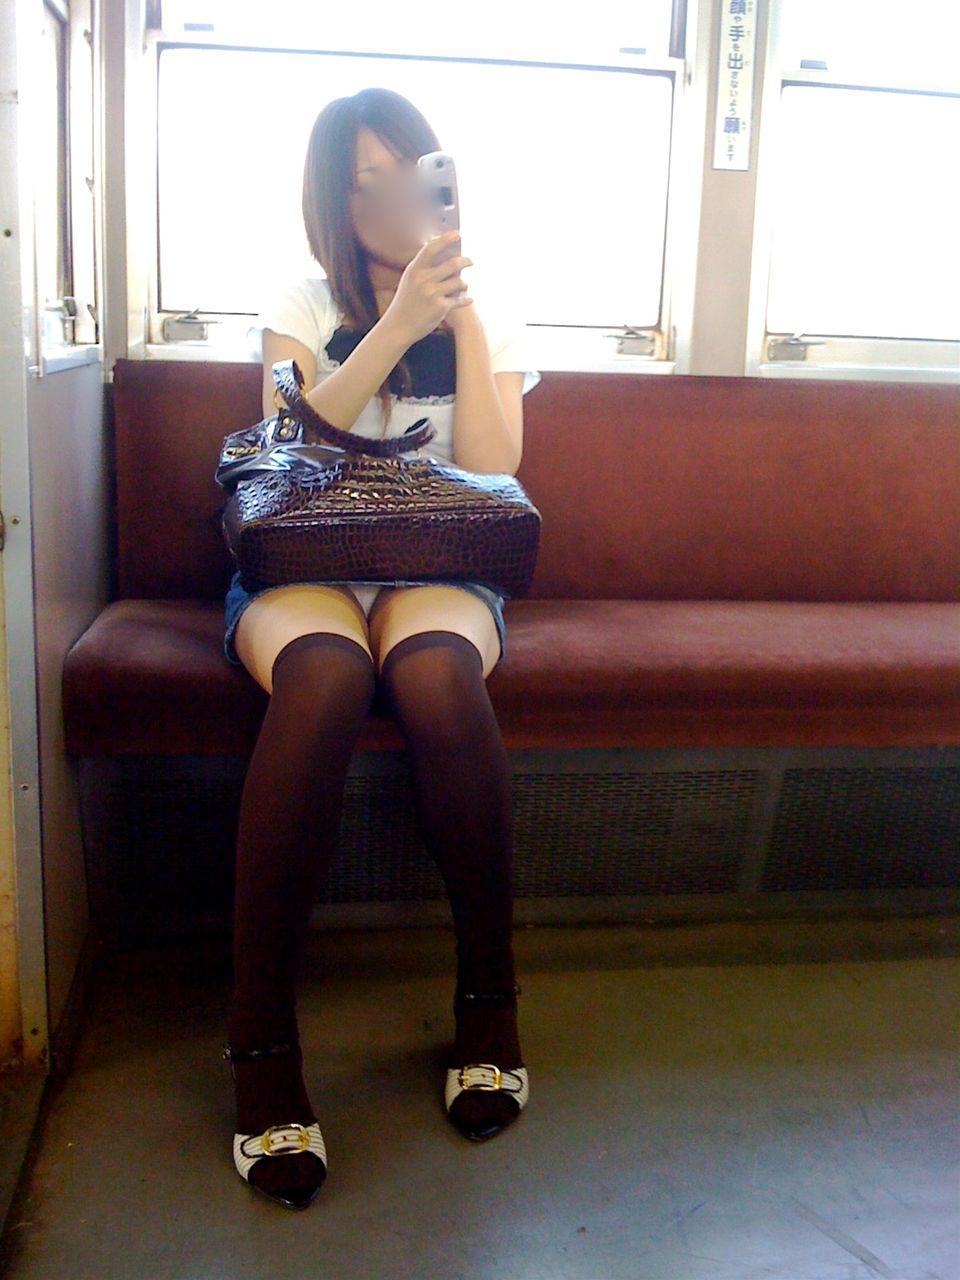 【パンチラエロ画像】いつかまた見られると信じて…電車内パンチラwww 09